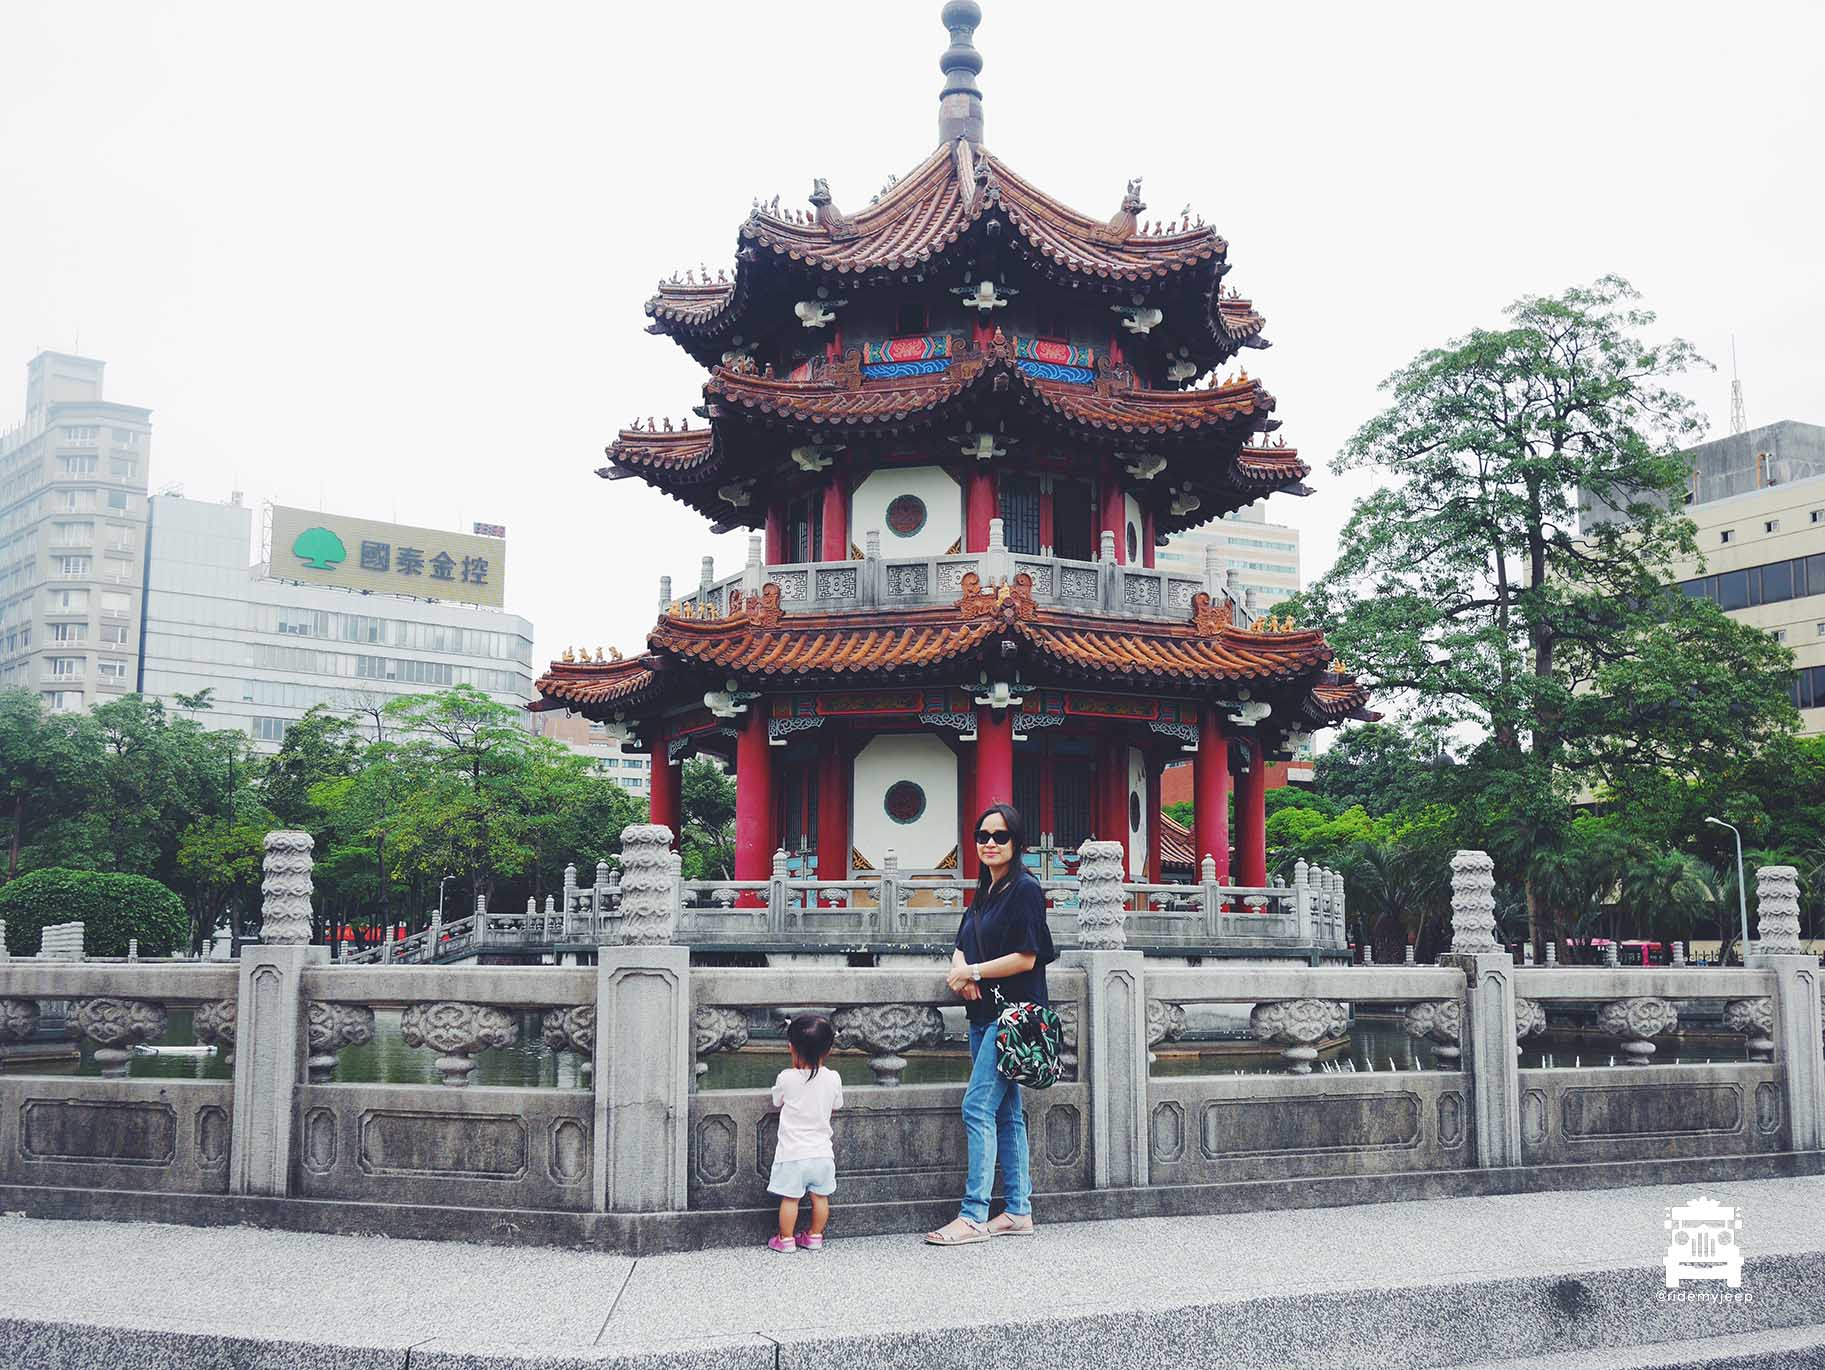 Pagoda at the park